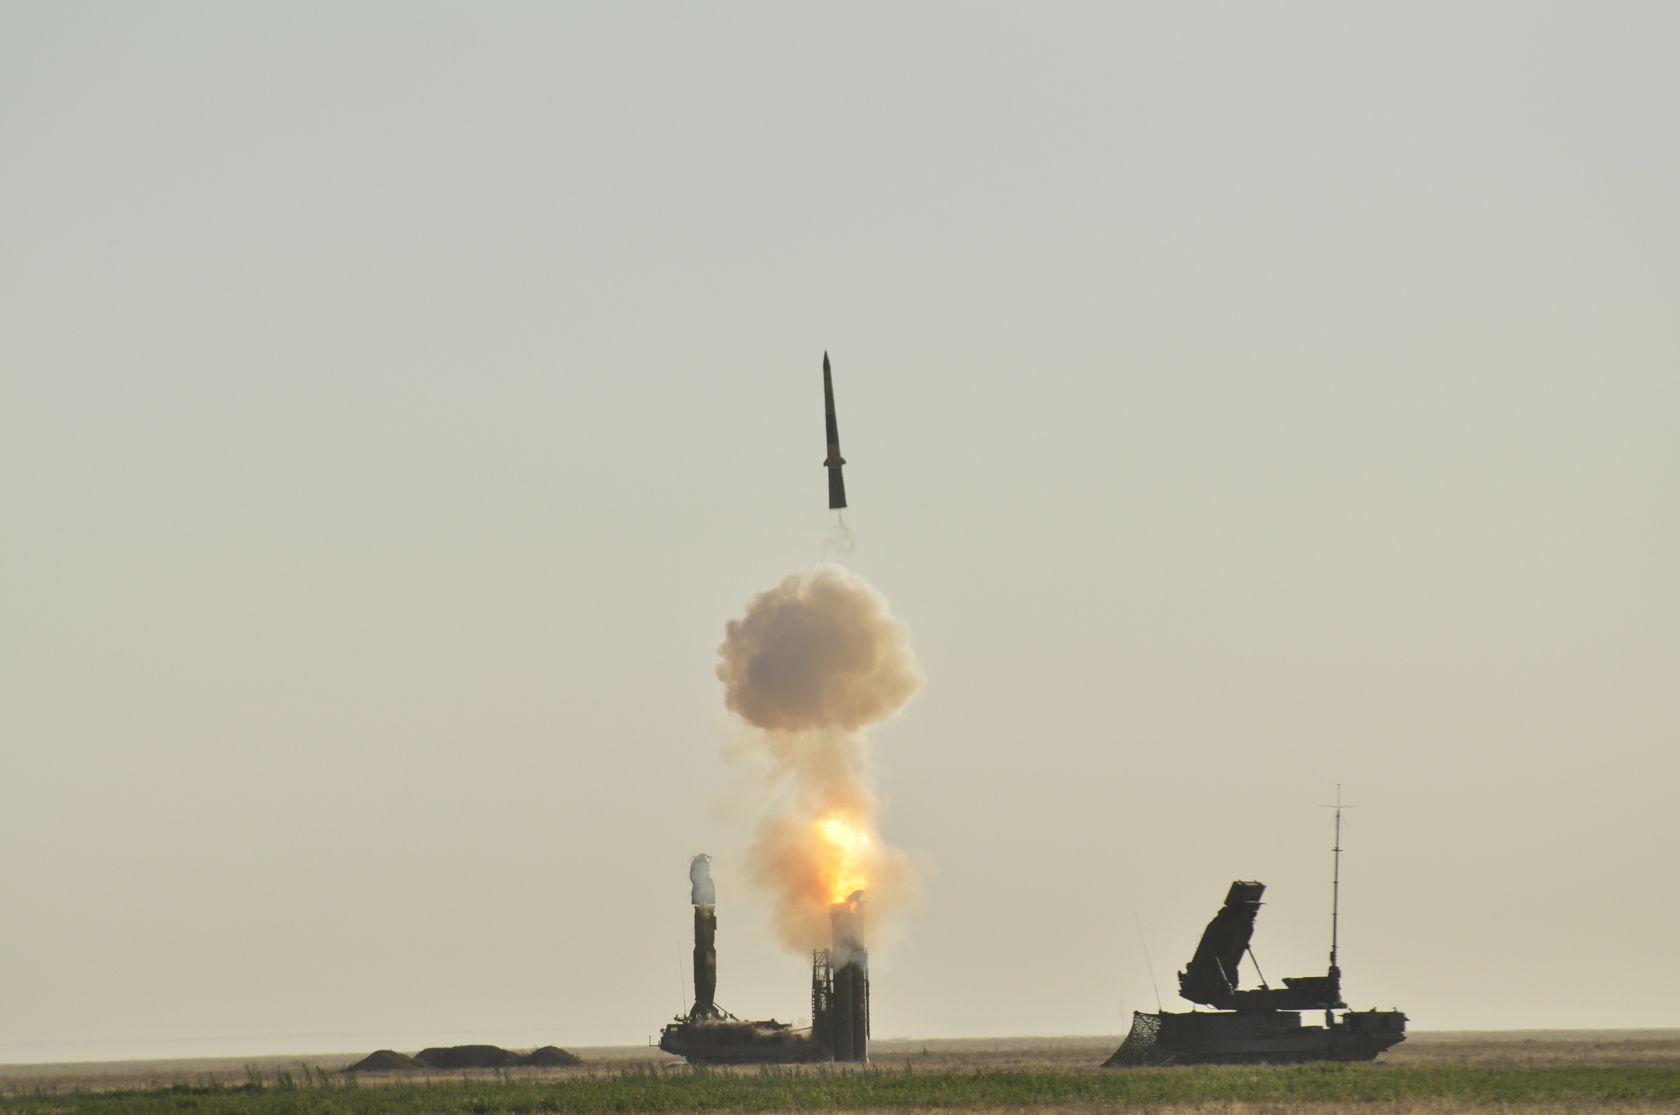 Холодный старт ракеты ЗРС Триумф